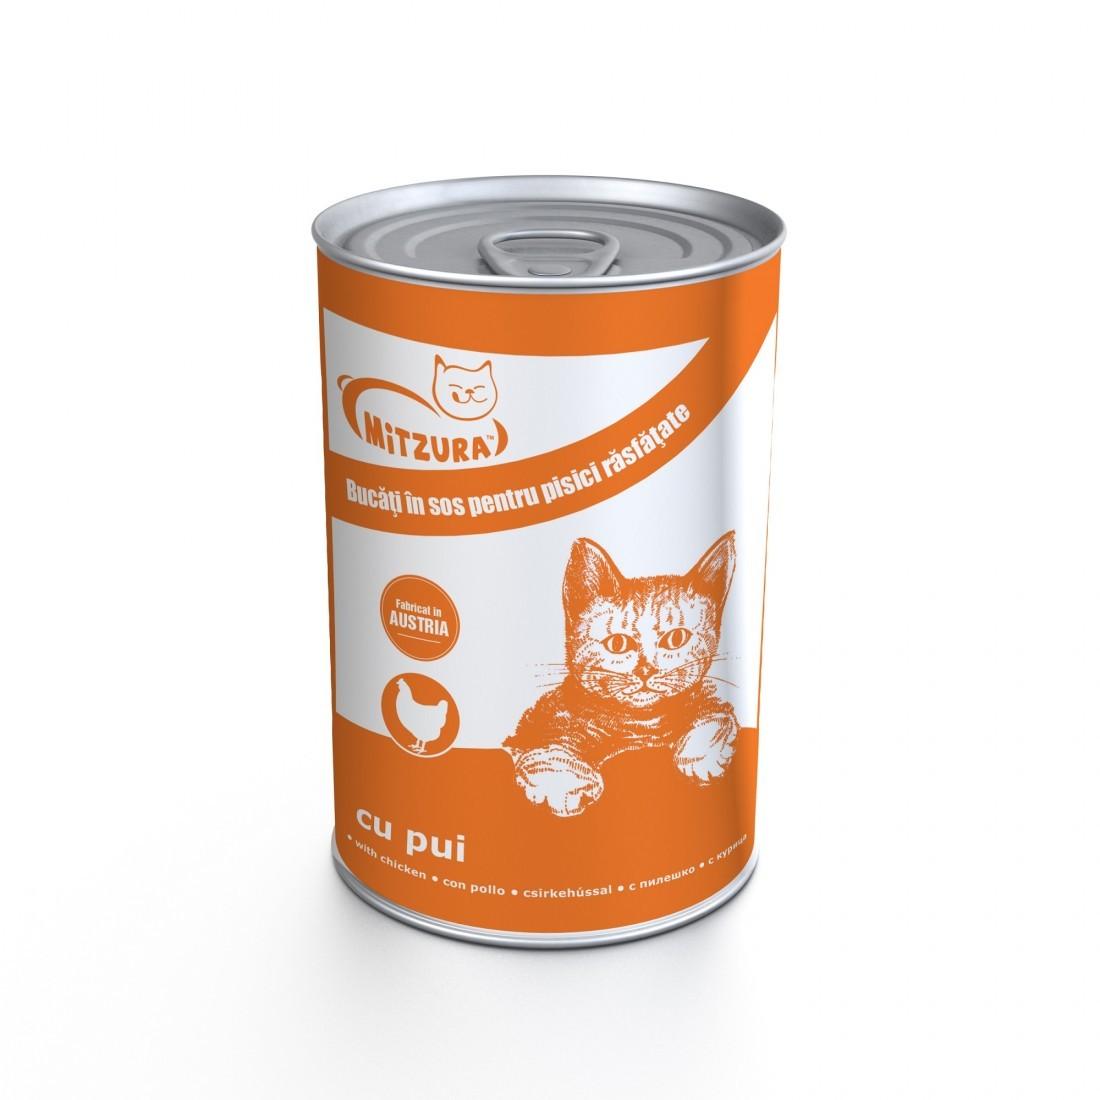 Mitzura Cat Cons Pui 415 G thumbnail